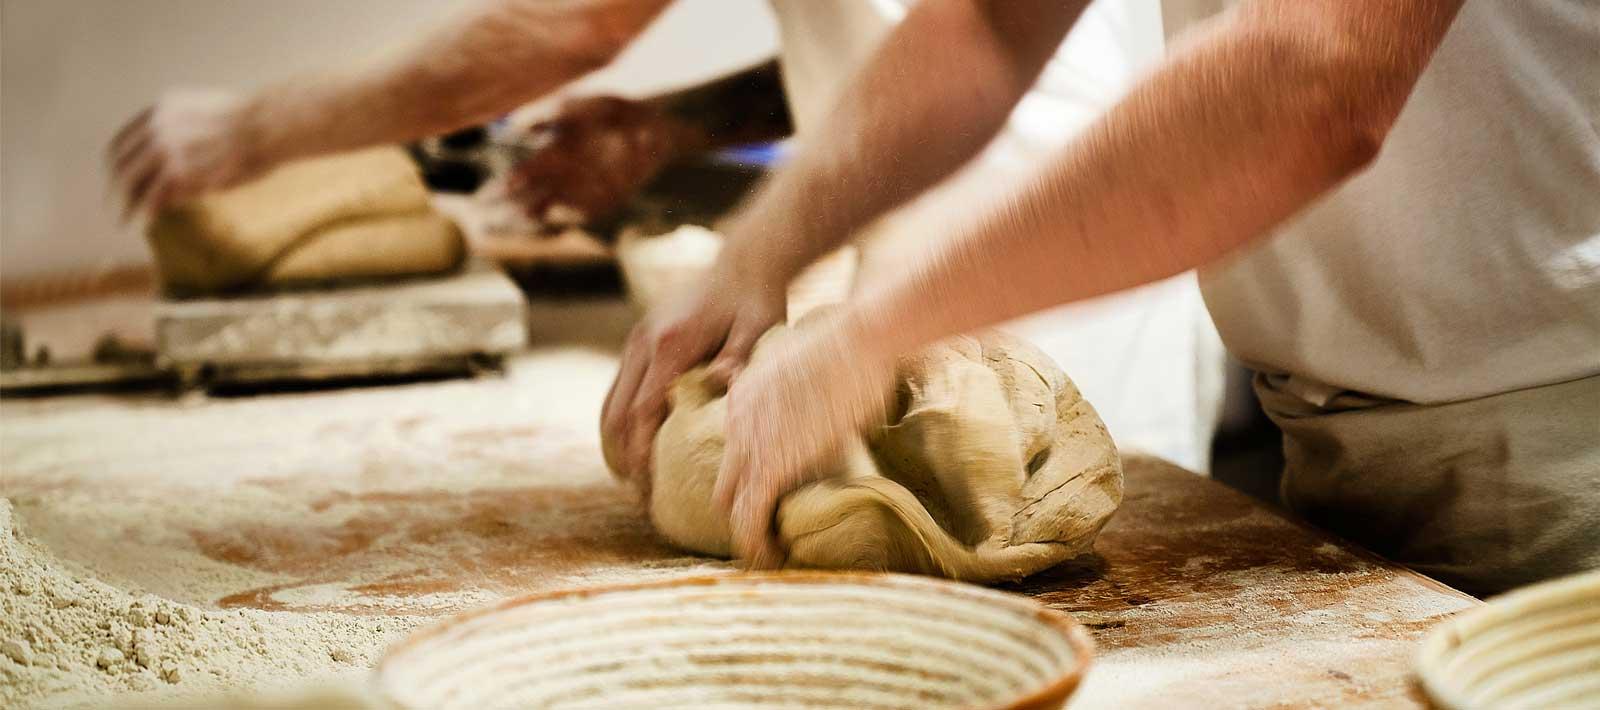 Neudorfer: Die Bäckerei mit eigener Backstube